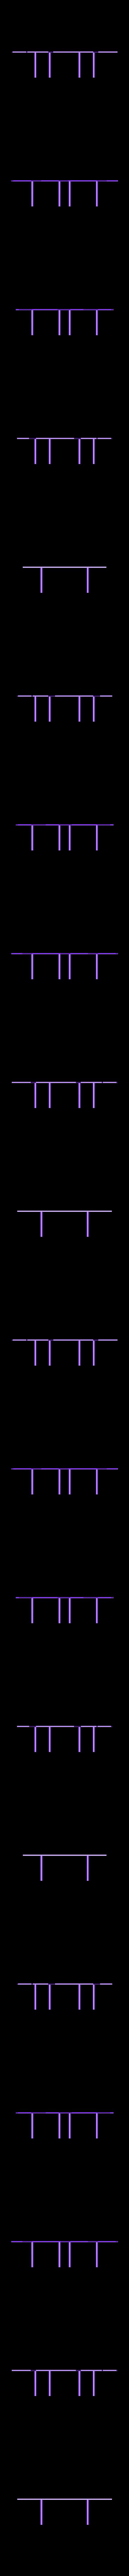 Frame_bottom.STL Télécharger fichier STL gratuit Agitateur magnétique de bricolage • Objet imprimable en 3D, Cerragh